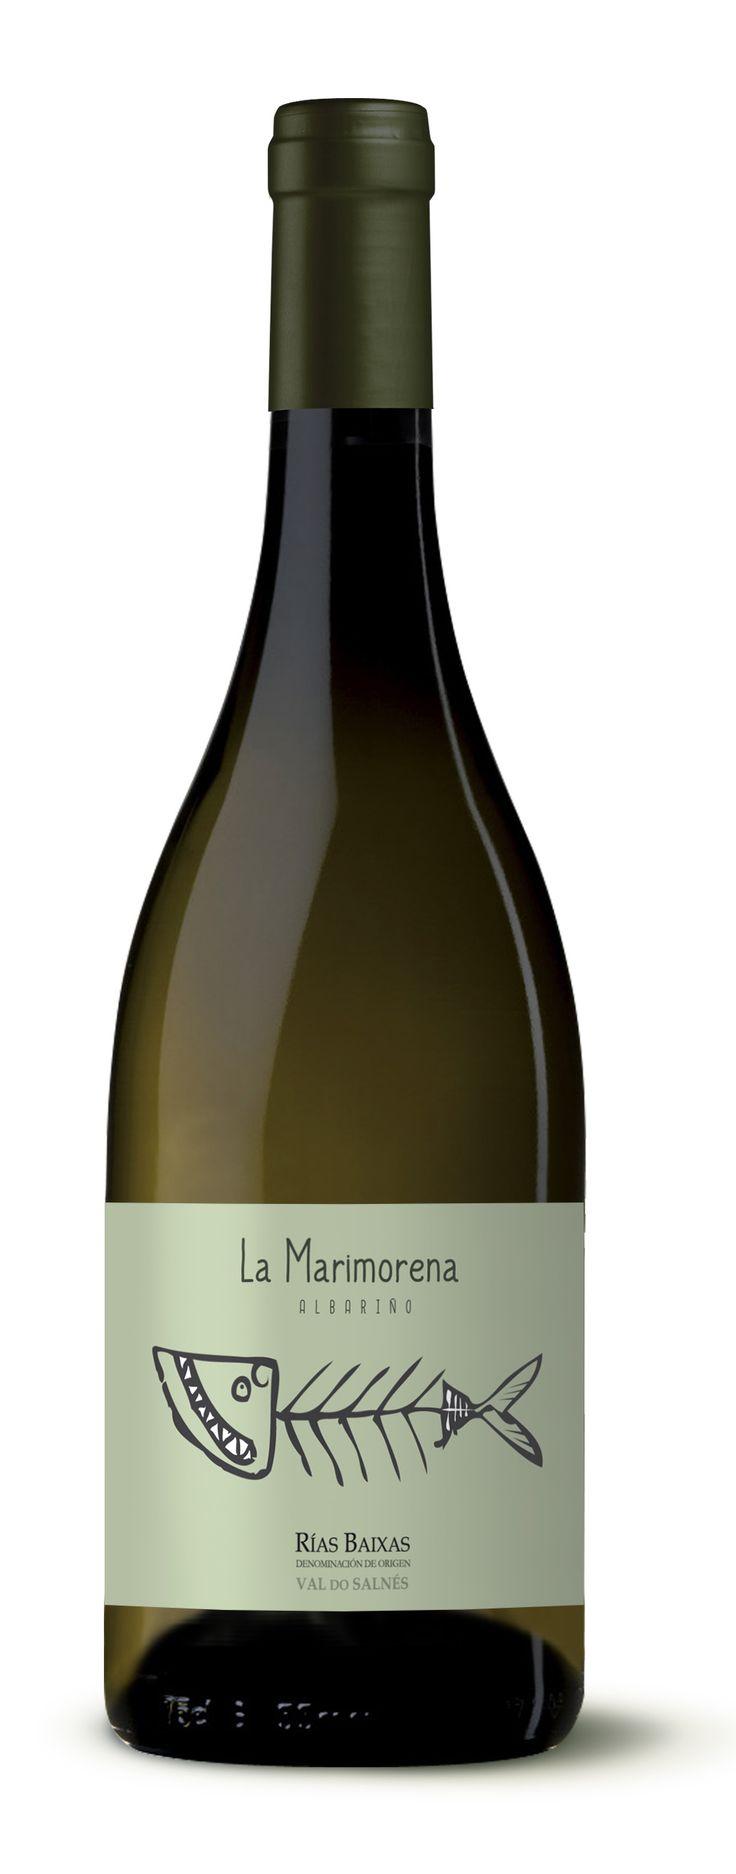 La Marimorena (DO Rias Baixas) #Vino #Wine #Albariño